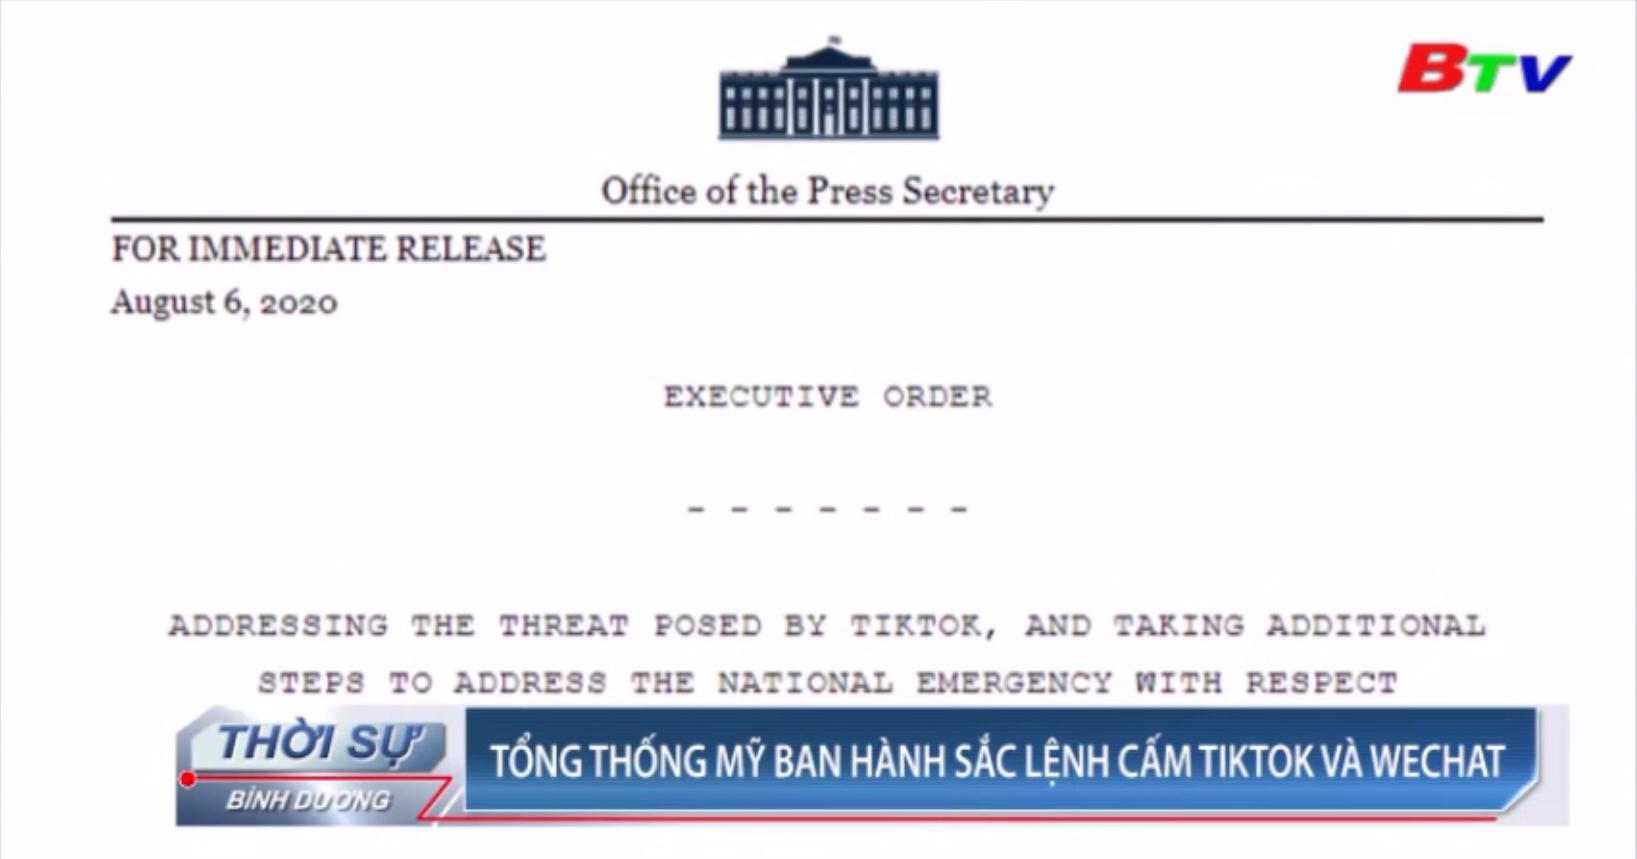 Tổng thống Mỹ ban hành sắc lệnh cấm TikTok và Webchat